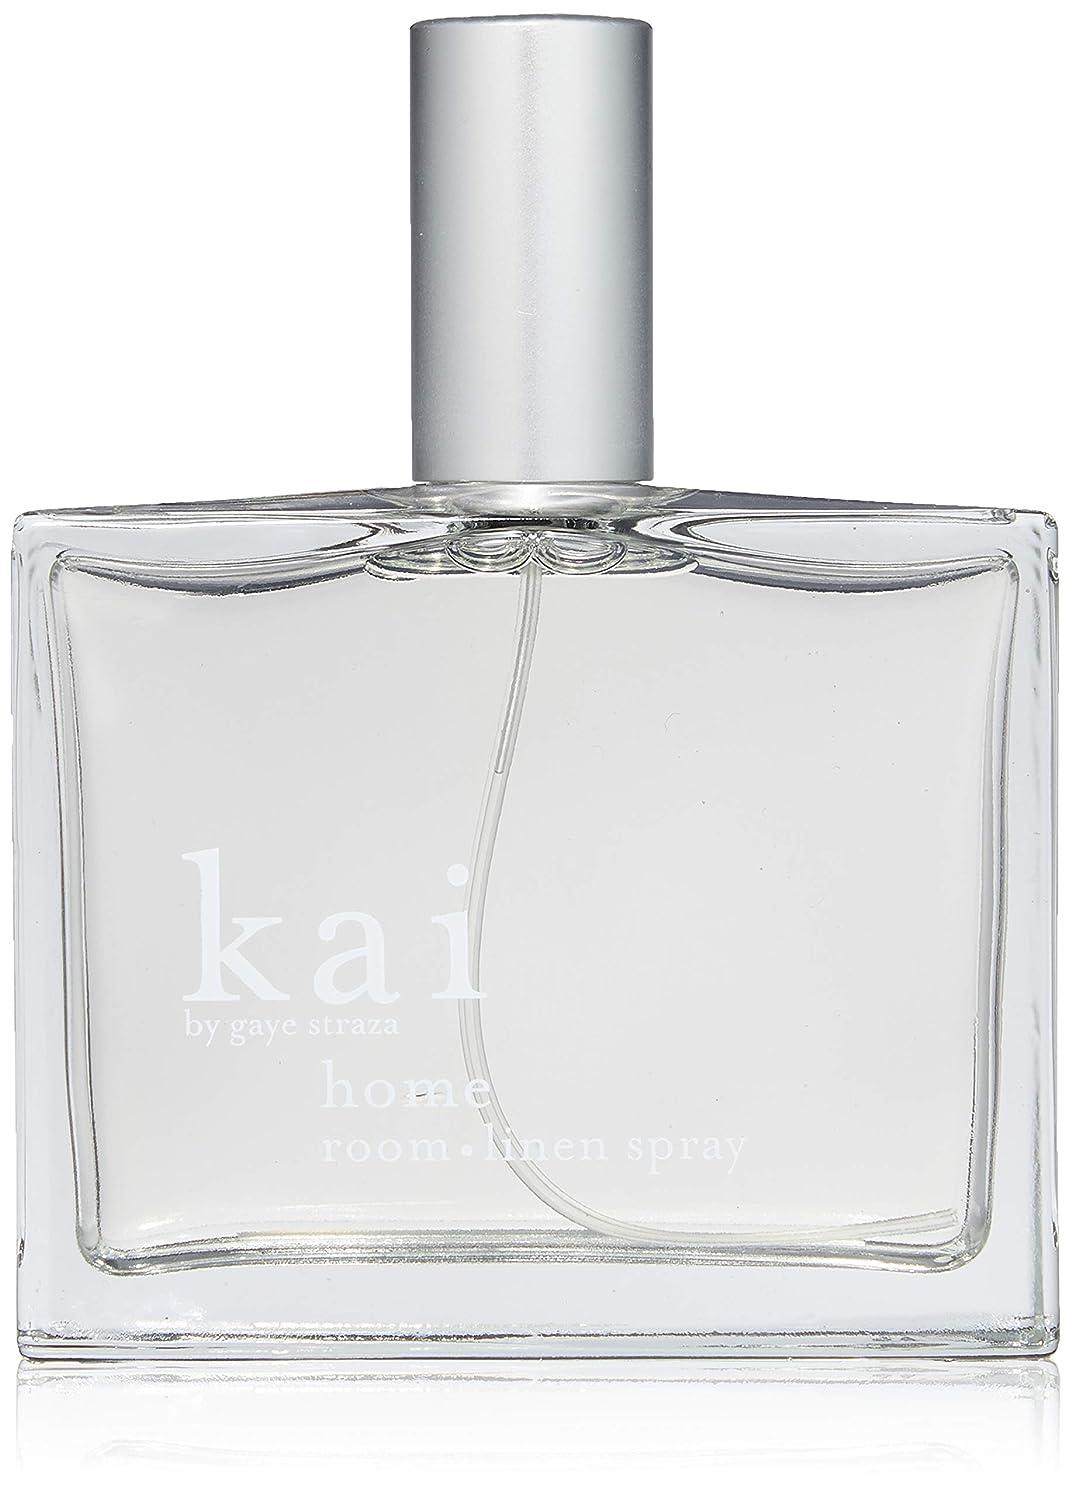 手順落ち込んでいる憂鬱なkai fragrance(カイ フレグランス) ルームリネンスプレー 100ml